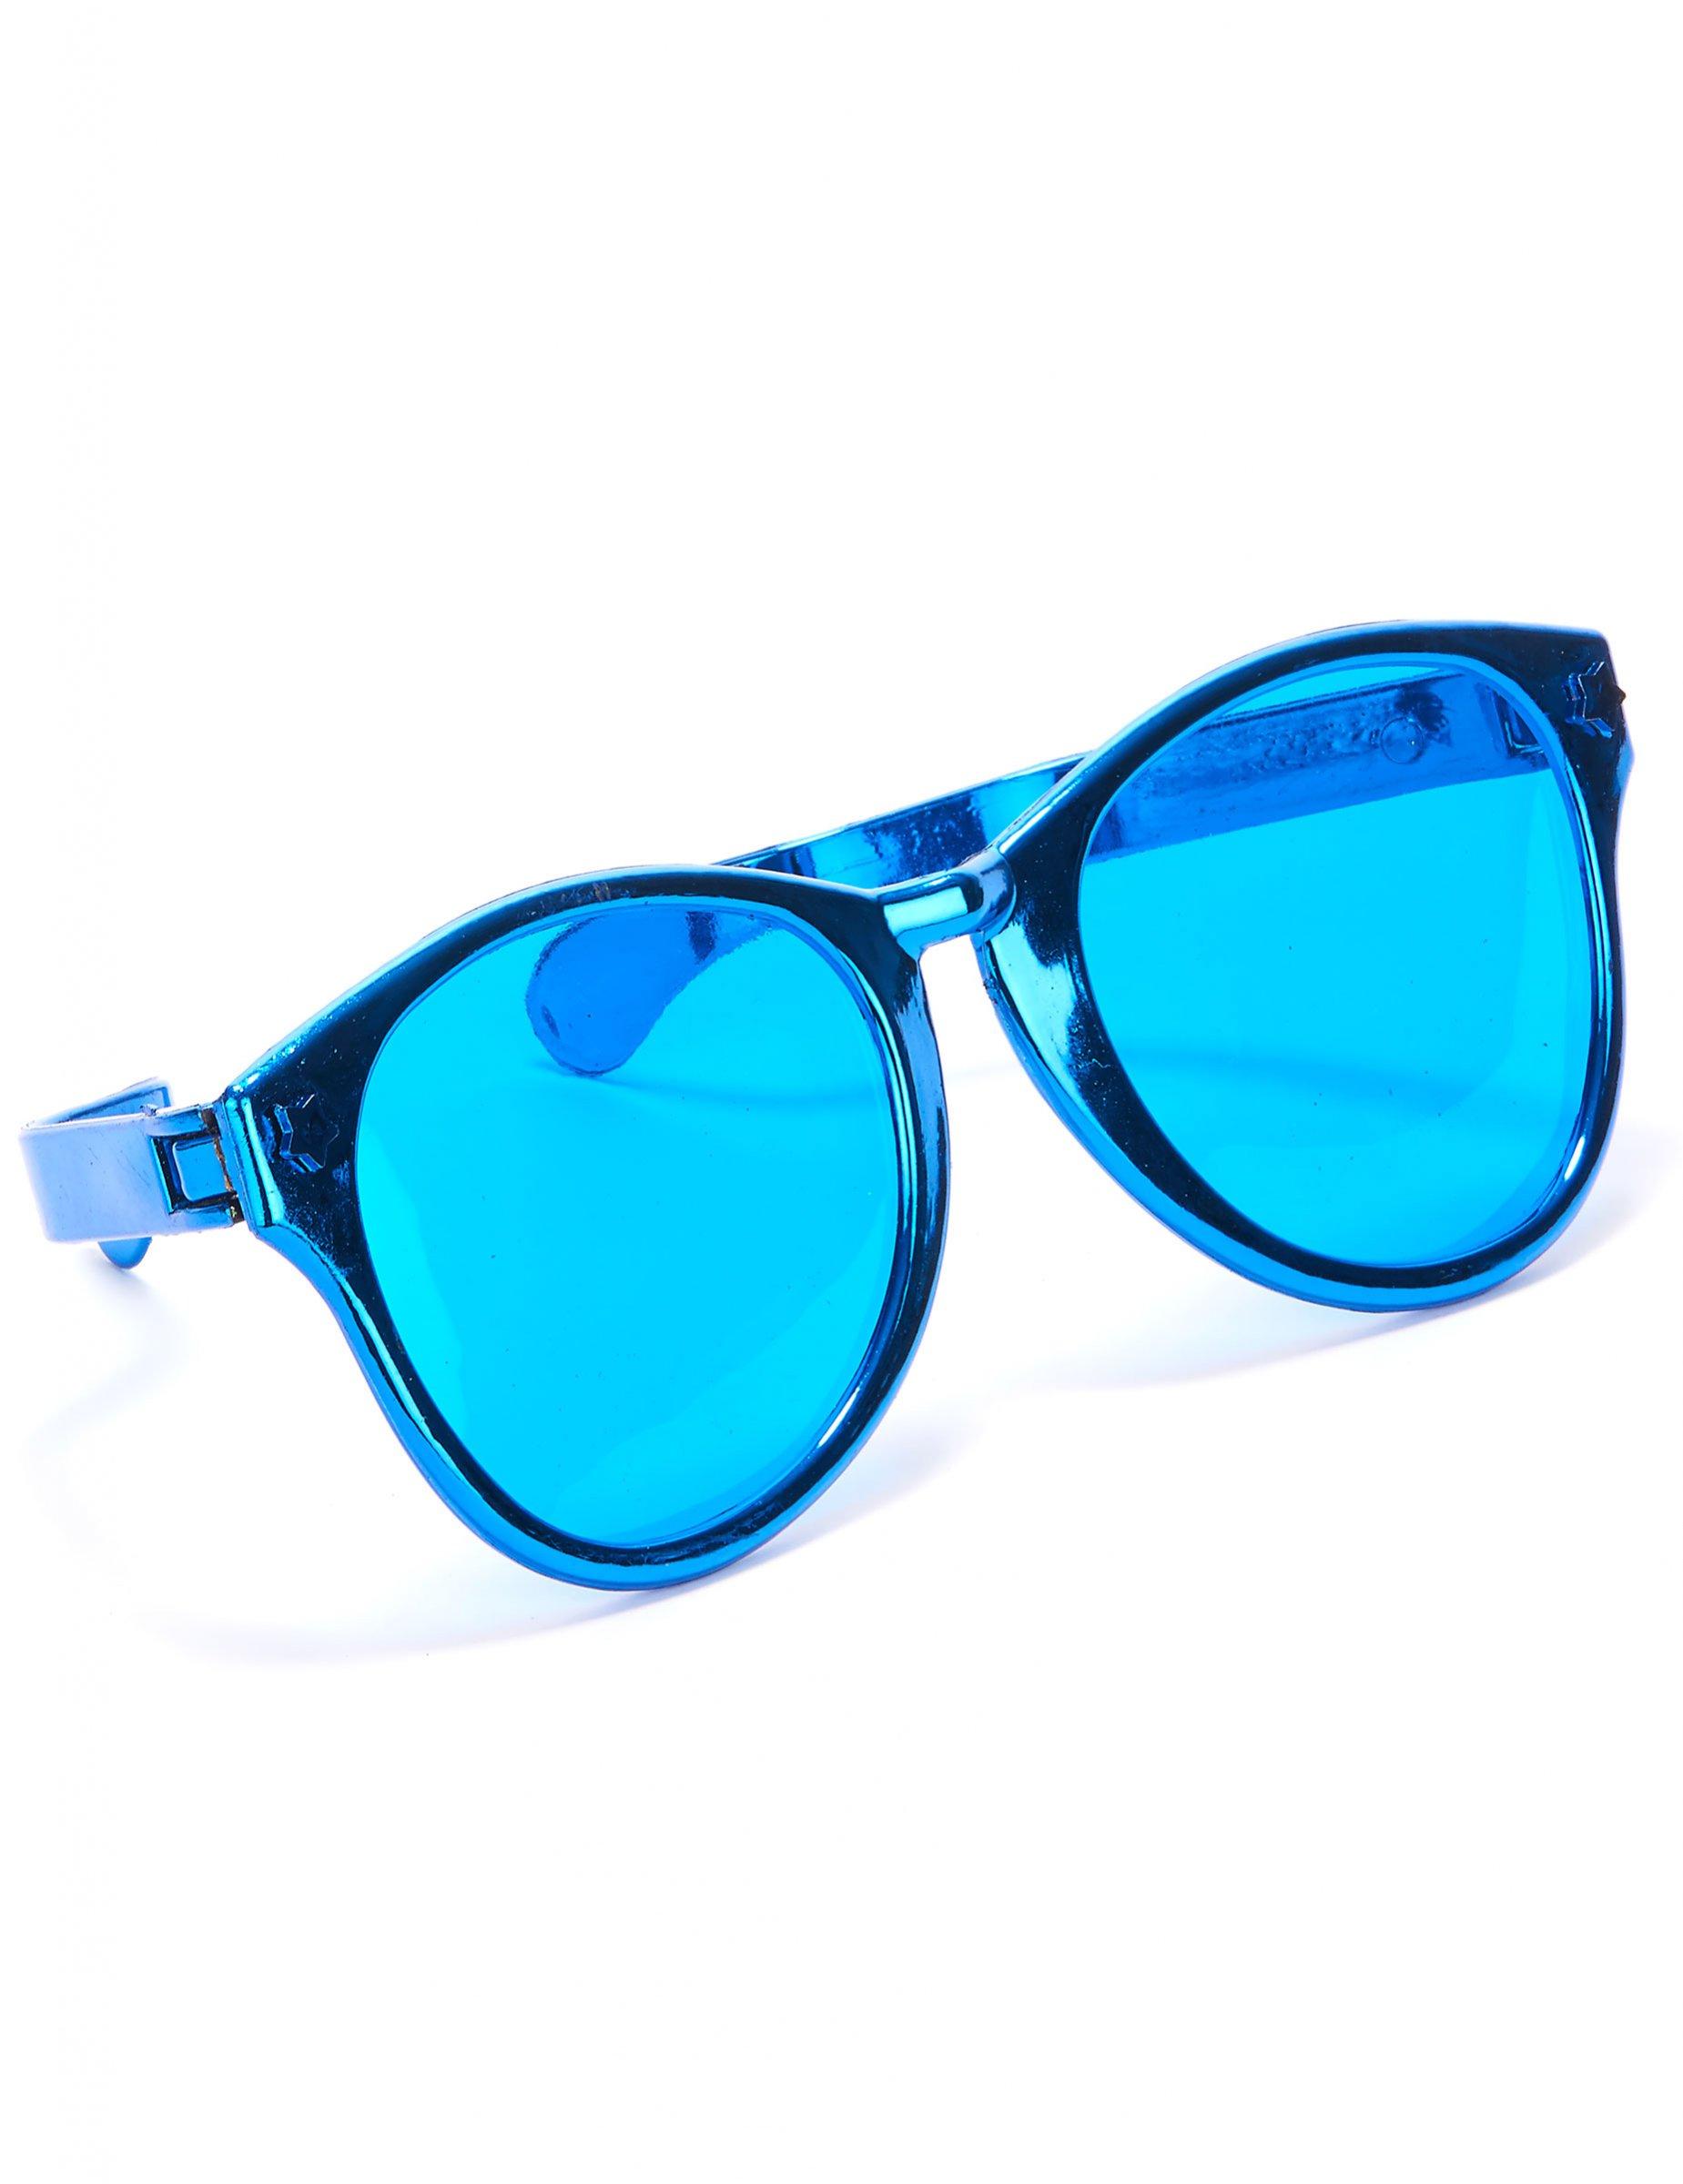 Tidsmæssigt Gigantiske blå briller til voksne, køb Tilbehør på Vegaoo.dk PH-07